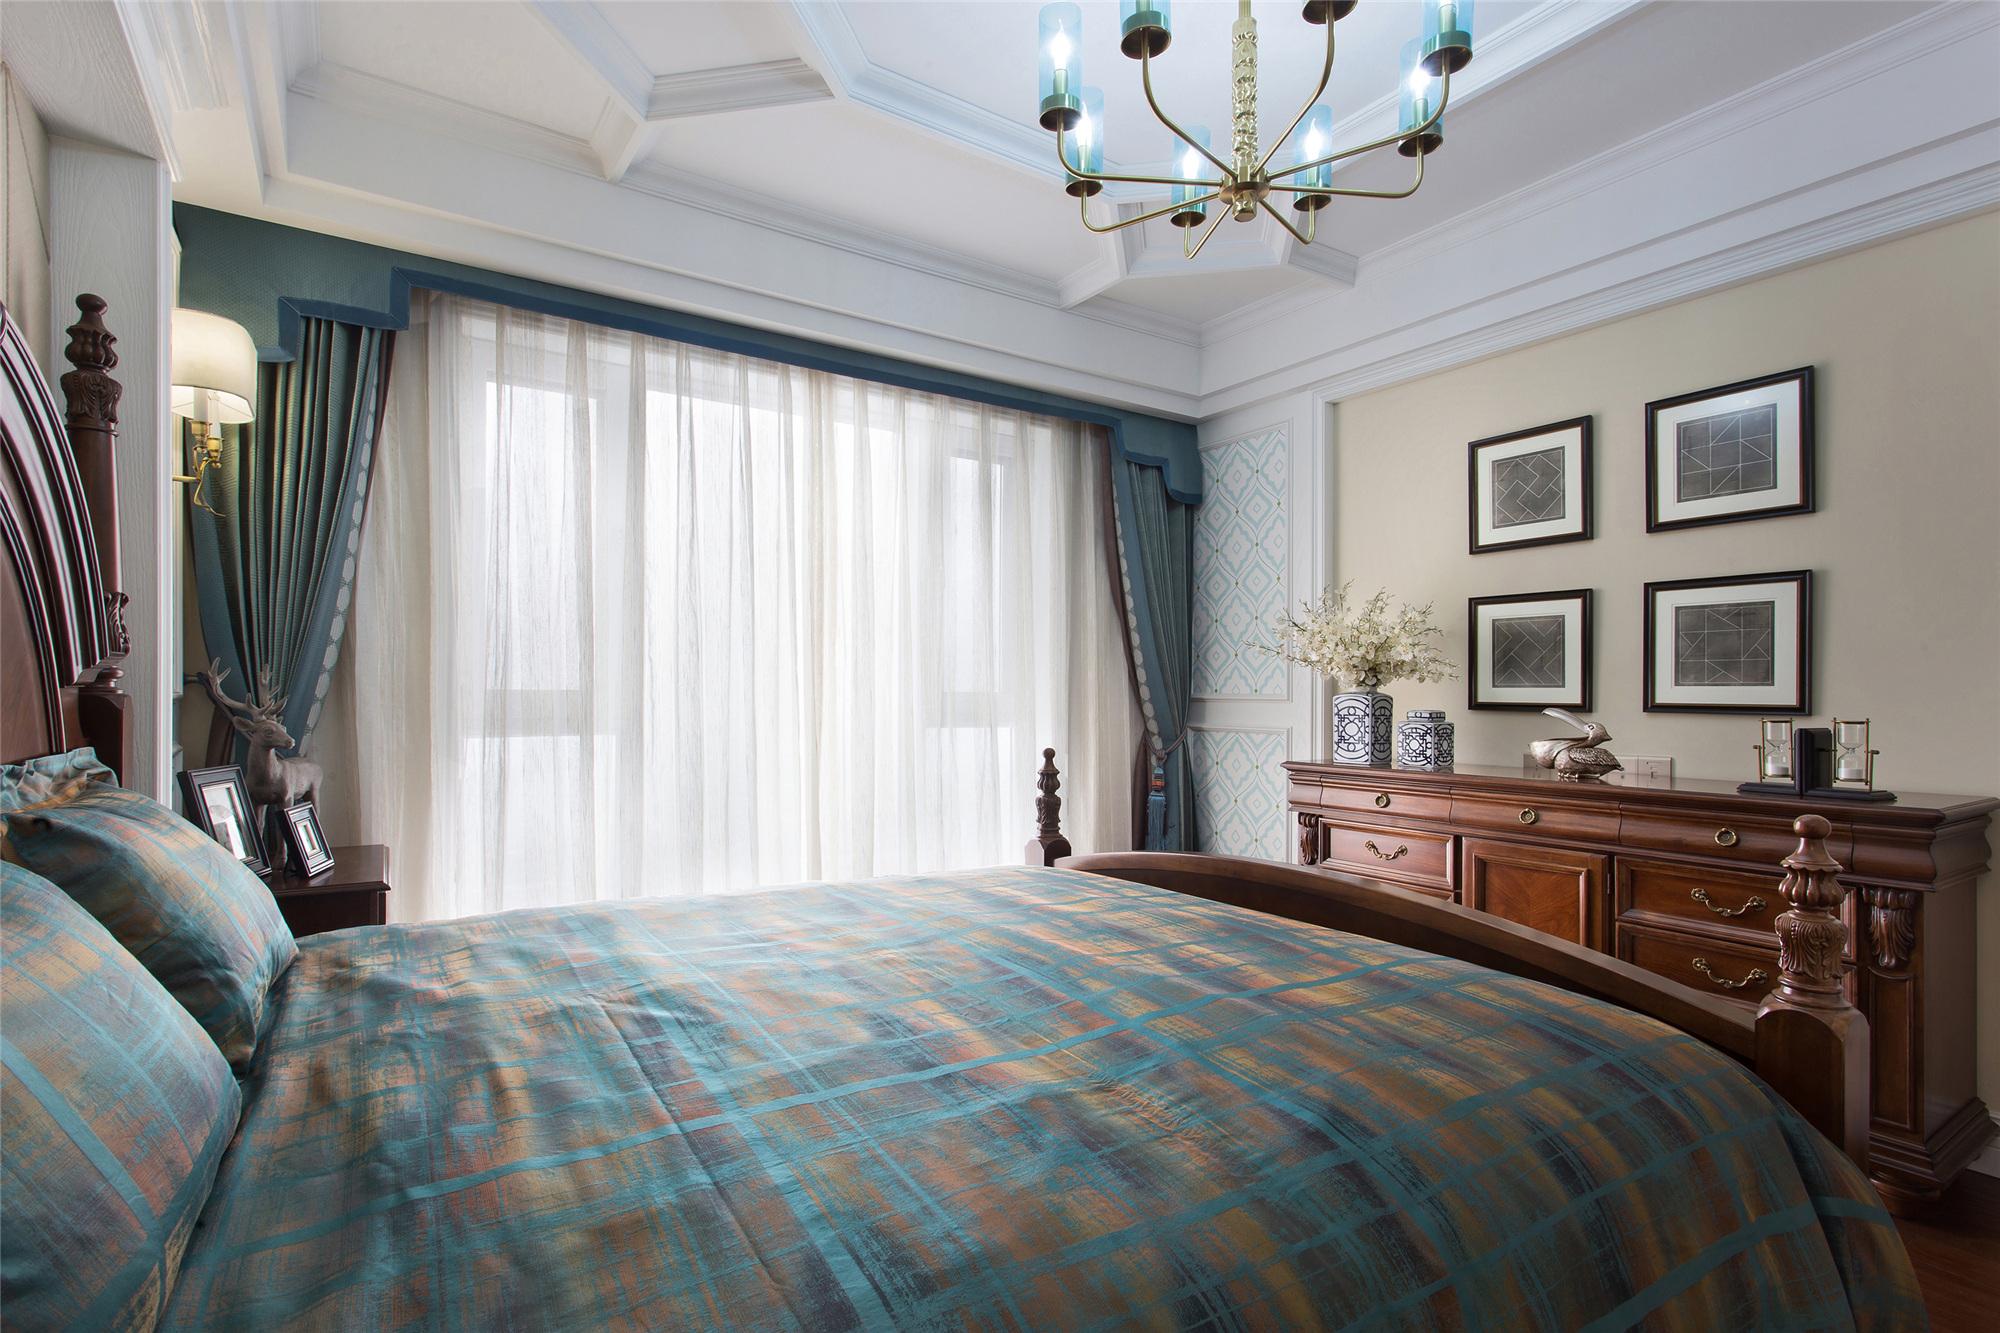 180㎡美式装修卧室顶面造型图片